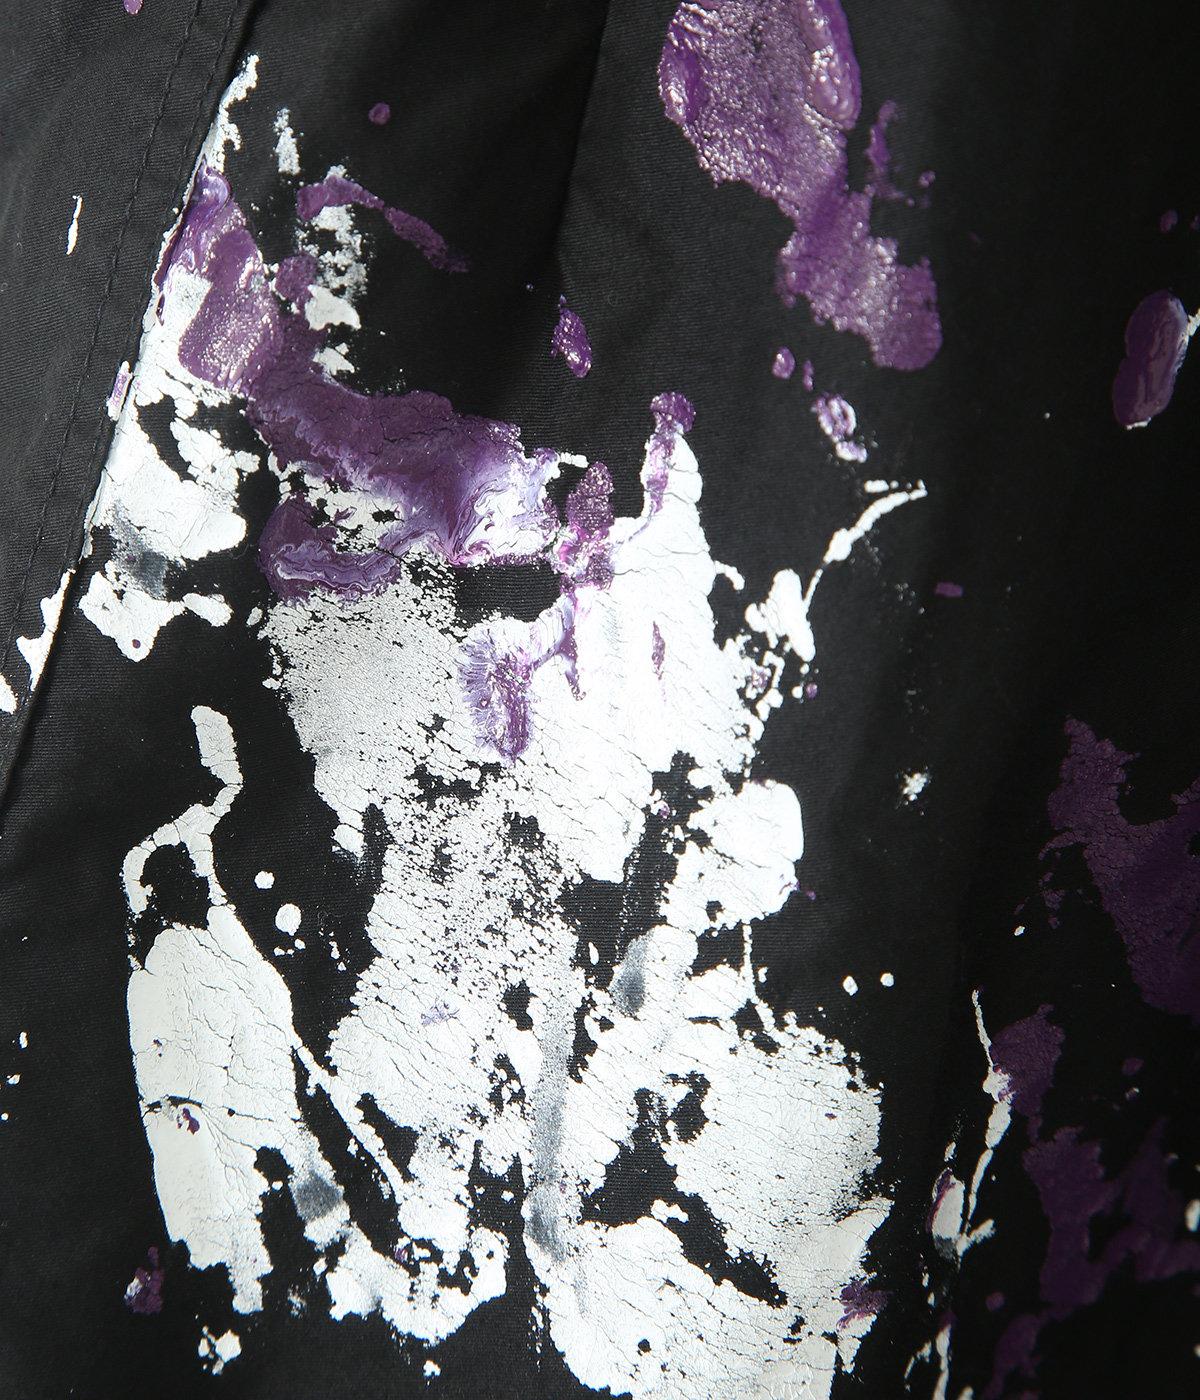 【レディース】【ONLY ARK】別注 H.D. Pant -BDU w/ Paint